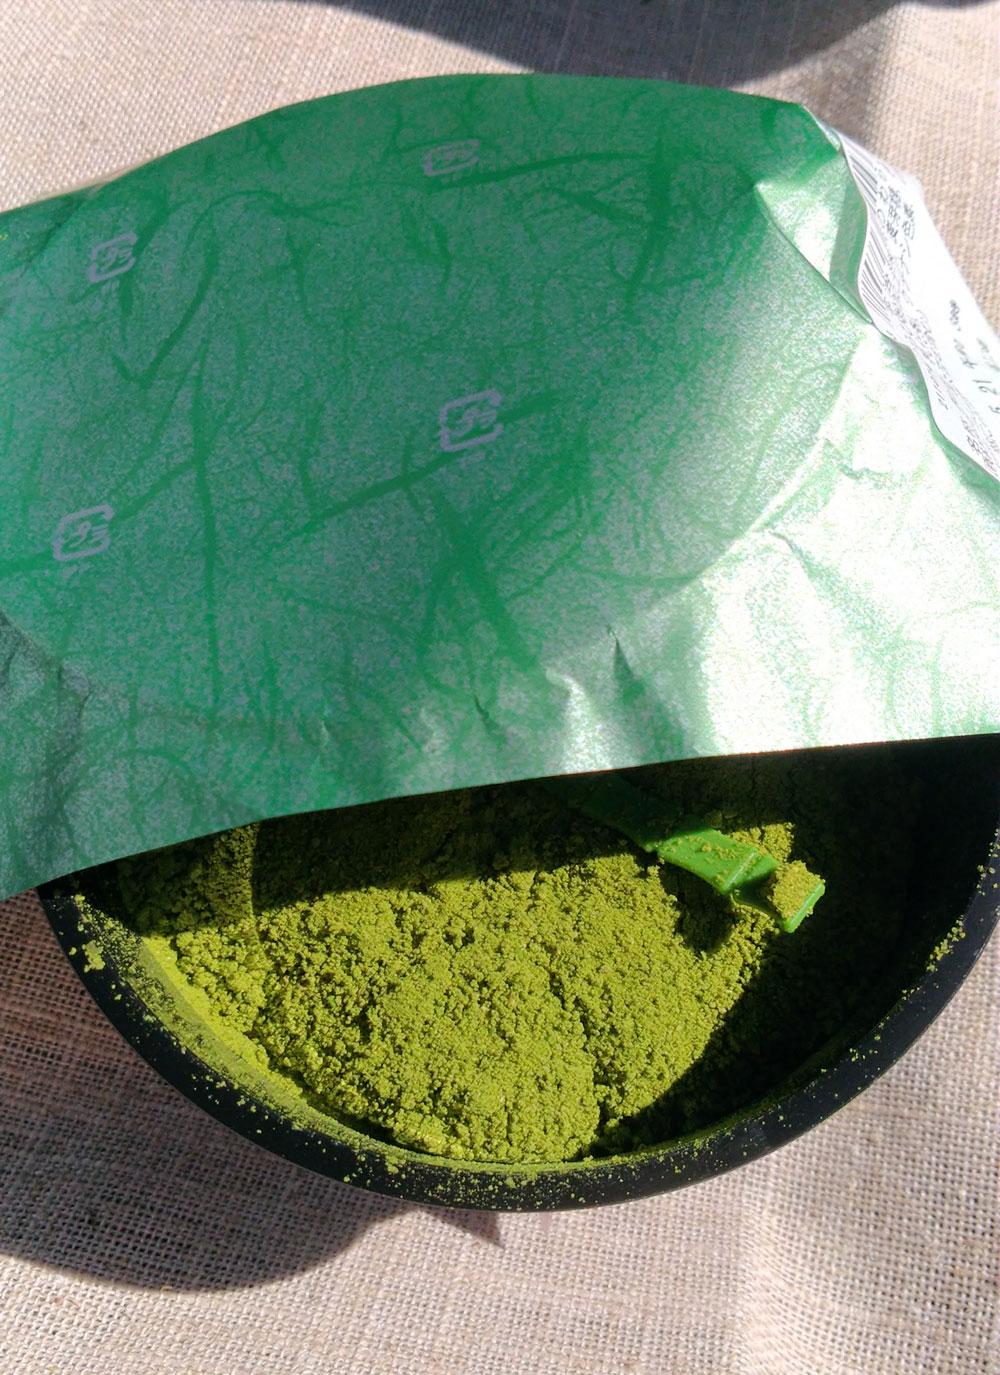 紙をめくると緑のわらび餅が現れる